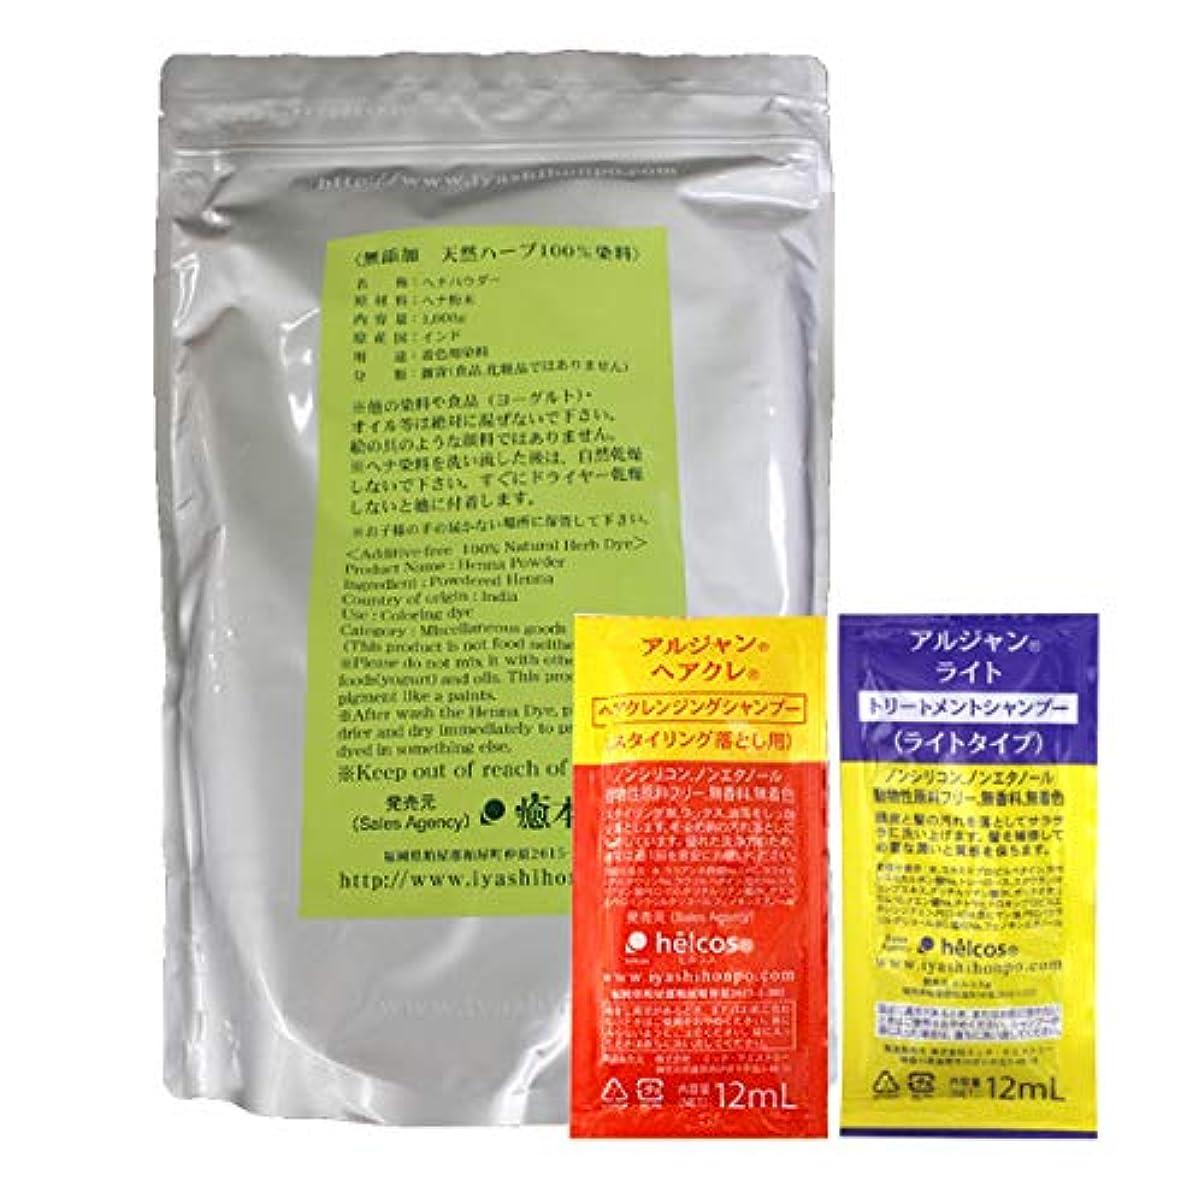 寓話味わう経験白髪染め ヘナ(天然染料100%) 1,000g + シャンプー2種セット 癒本舗(ブラウン)